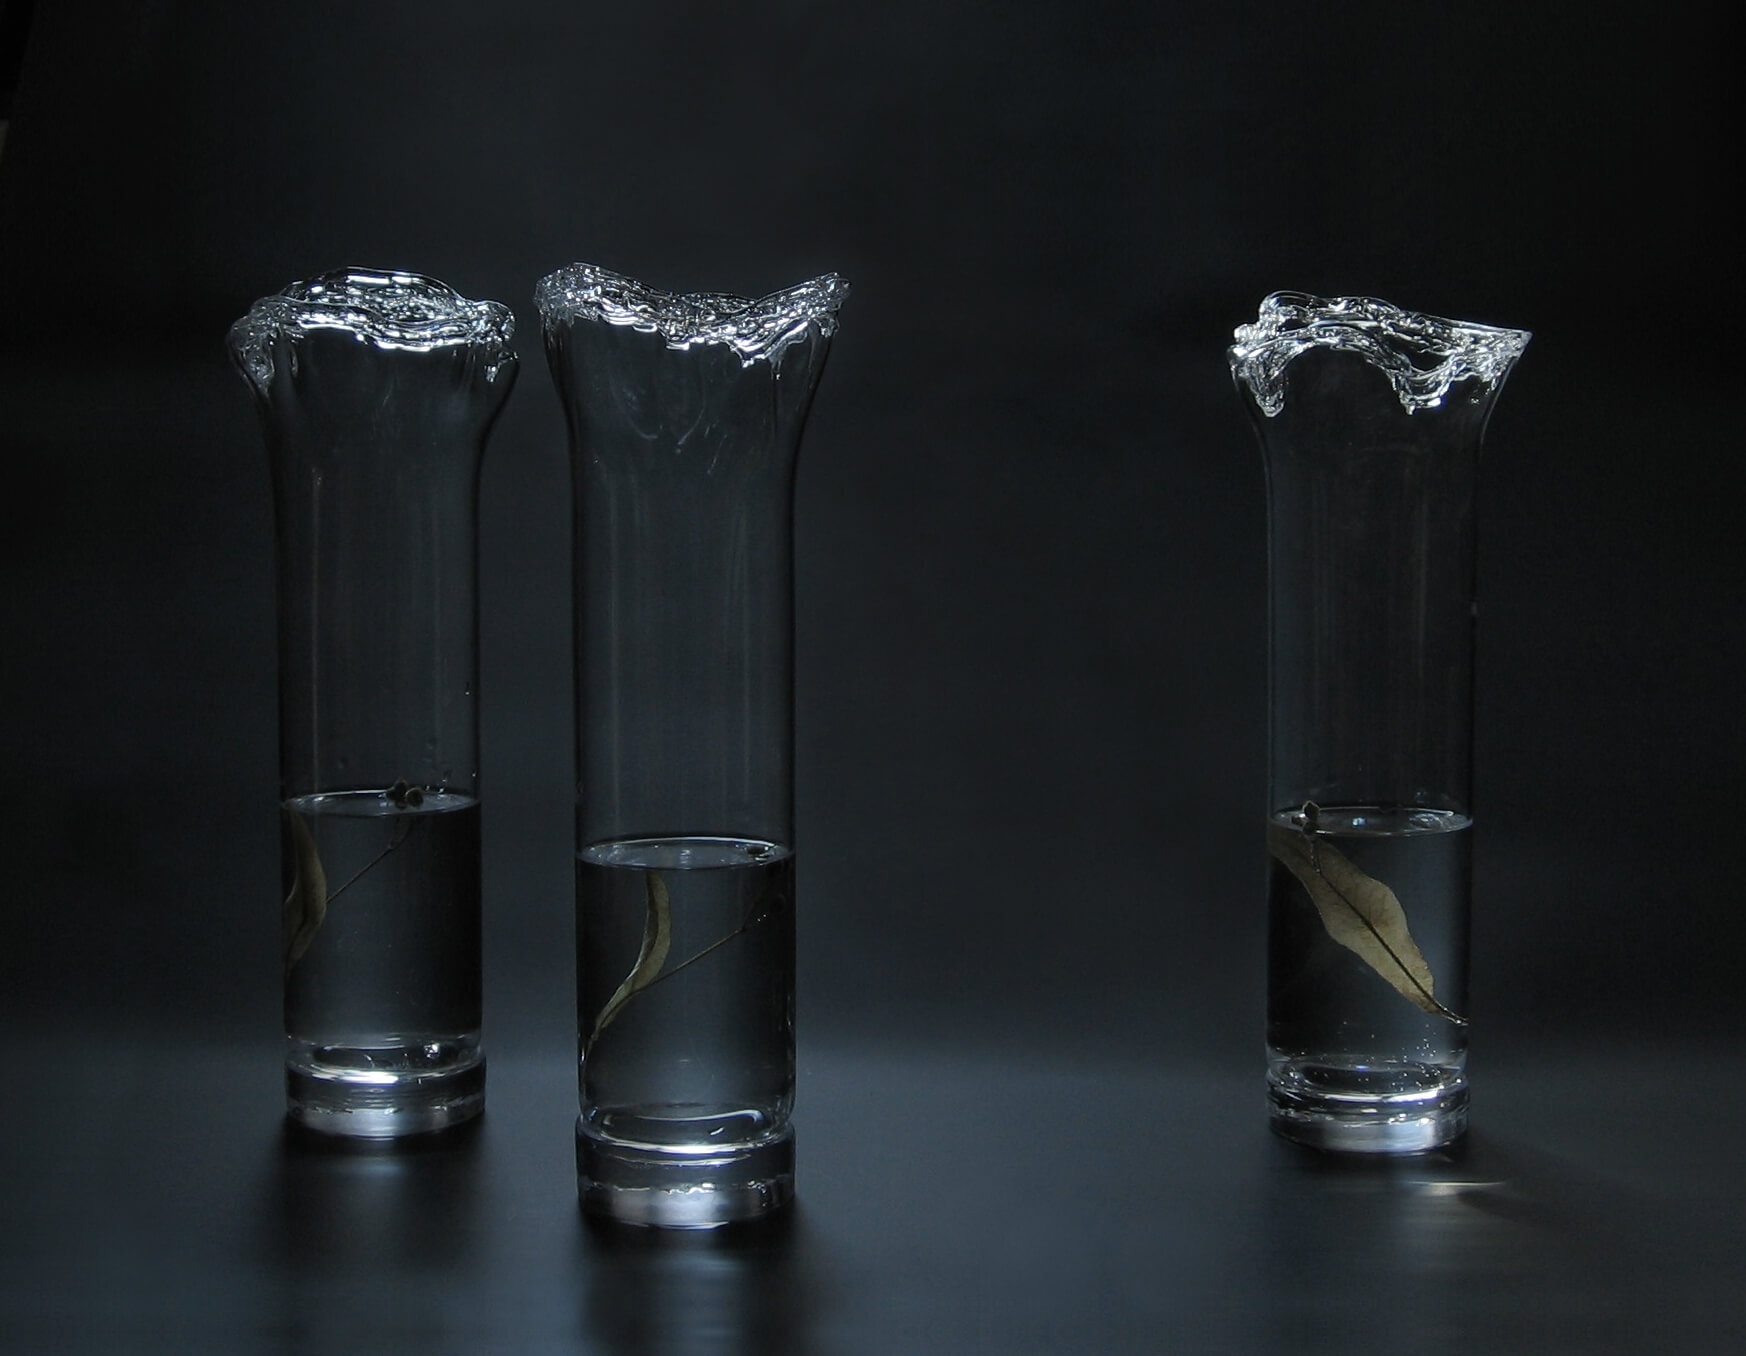 Fantom-vases